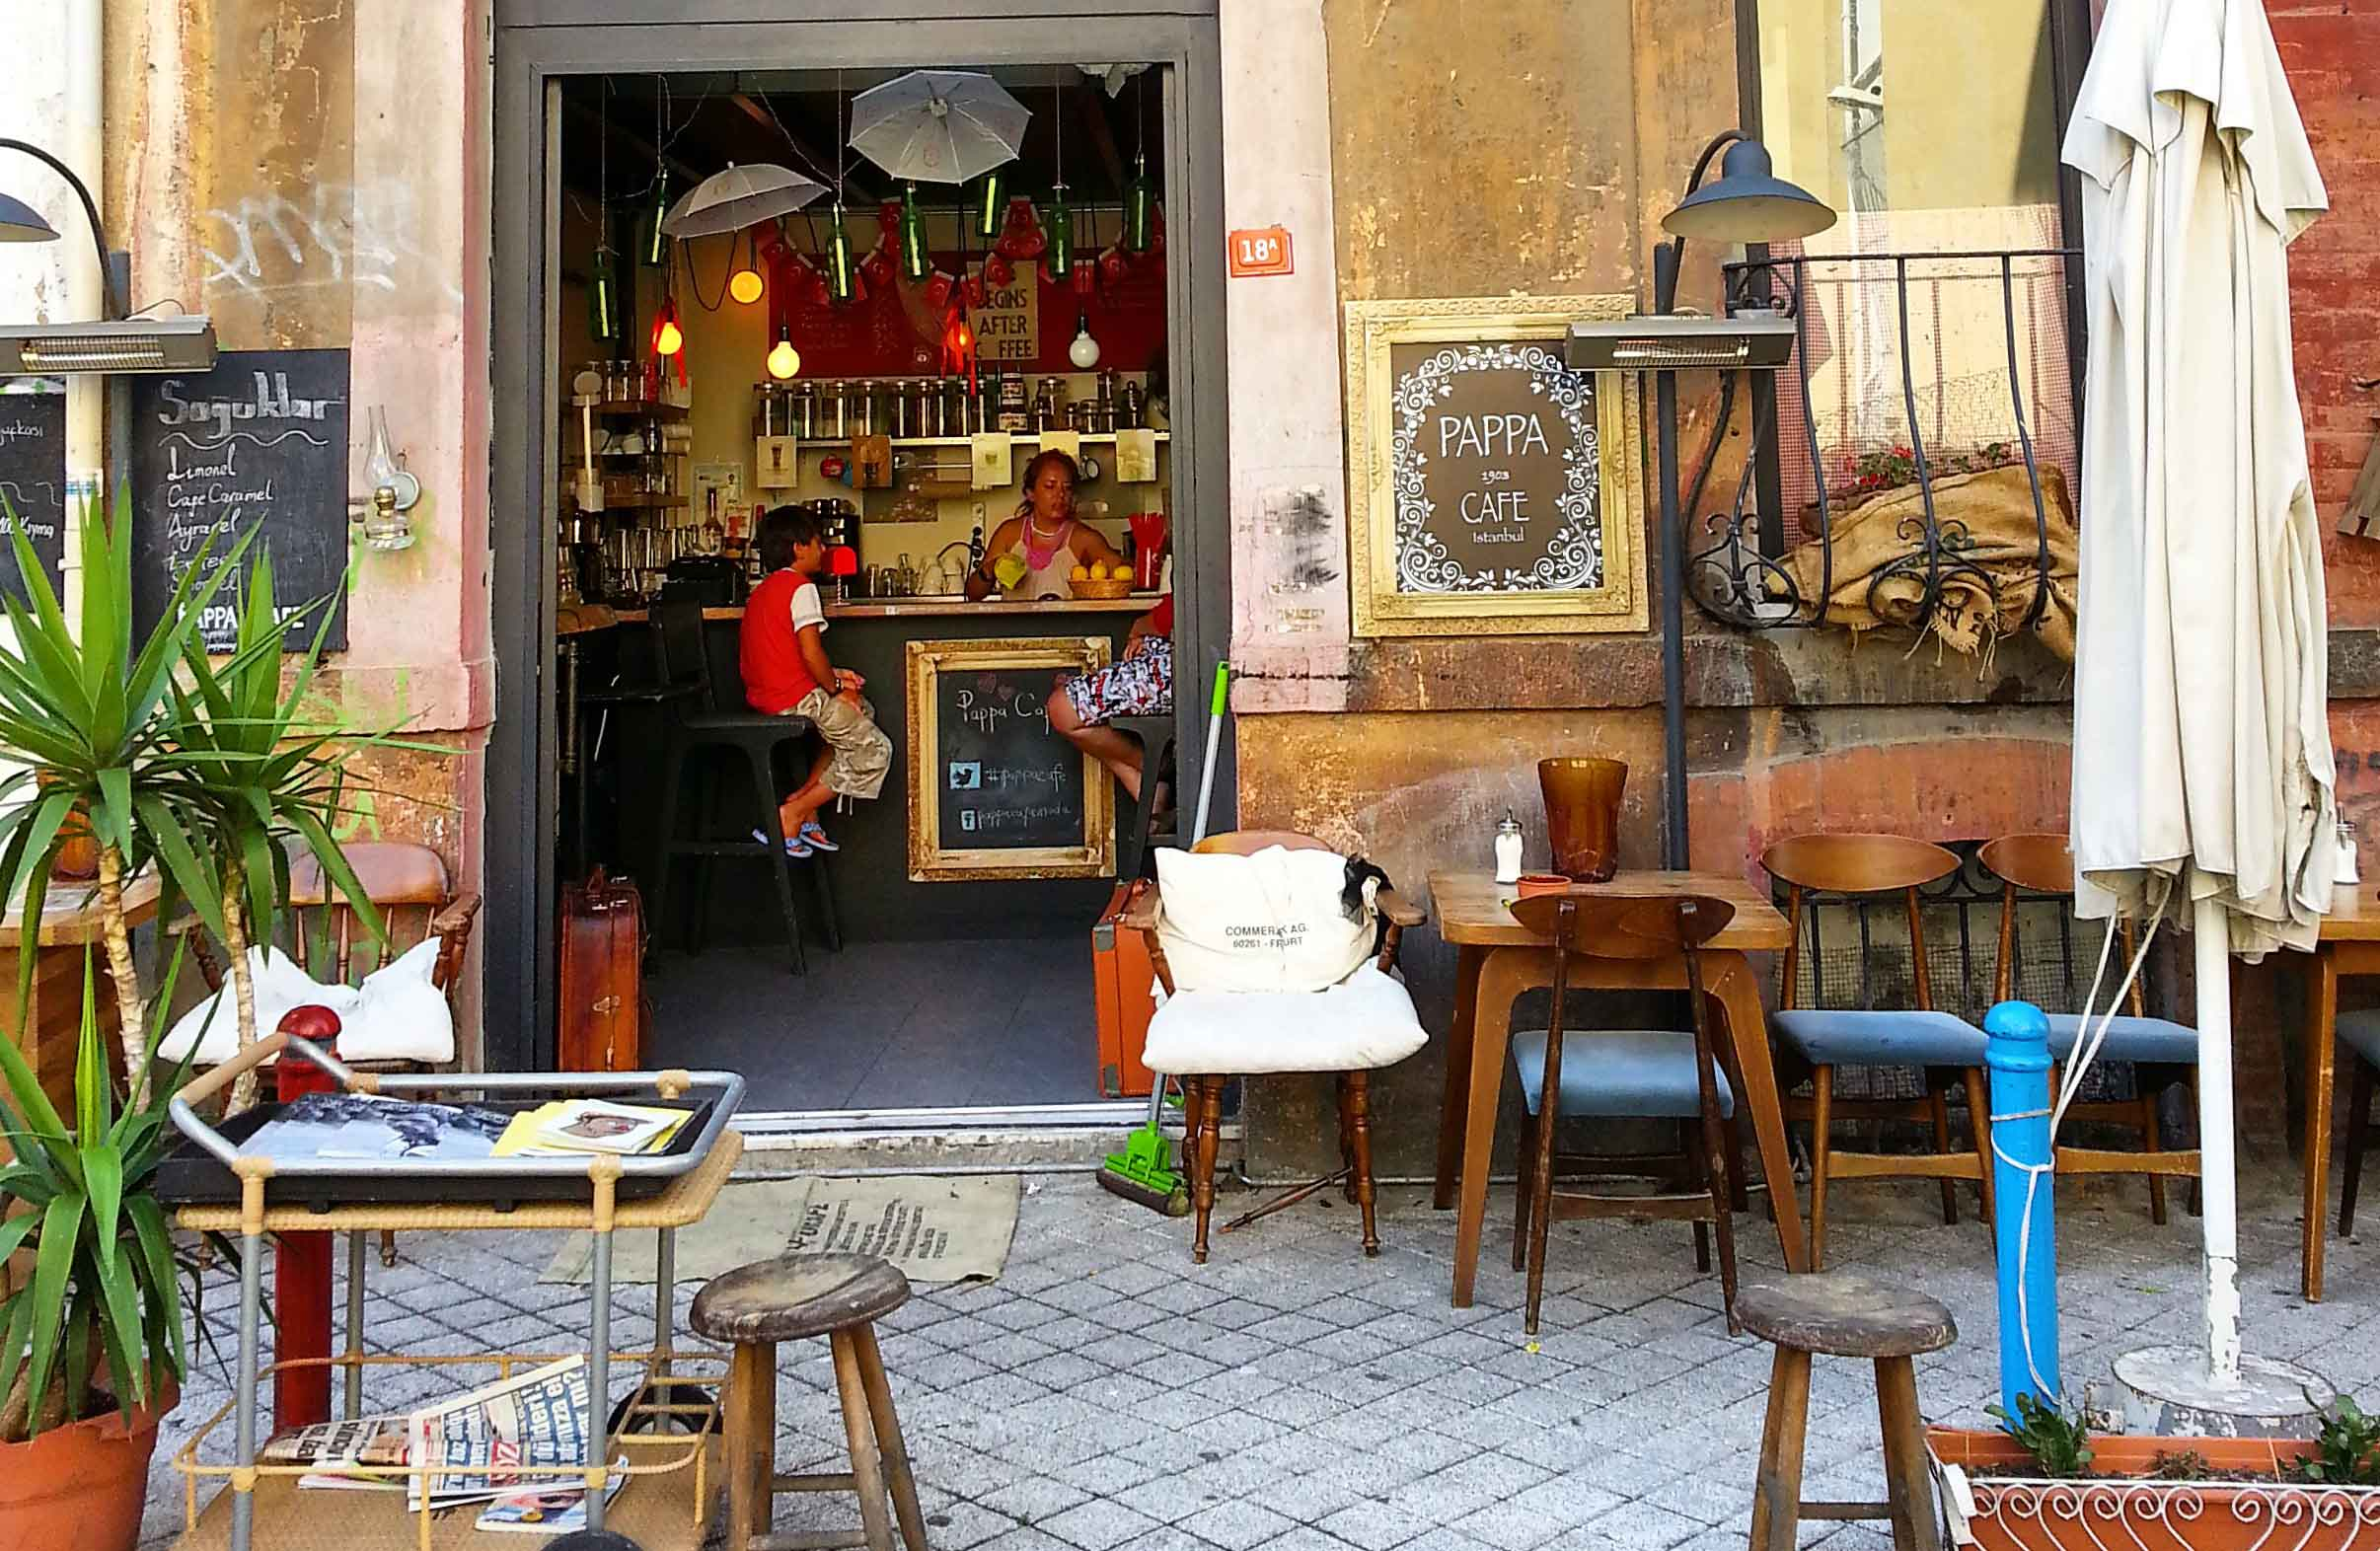 gezicigunluk - pappa cafe - freelance mekanları